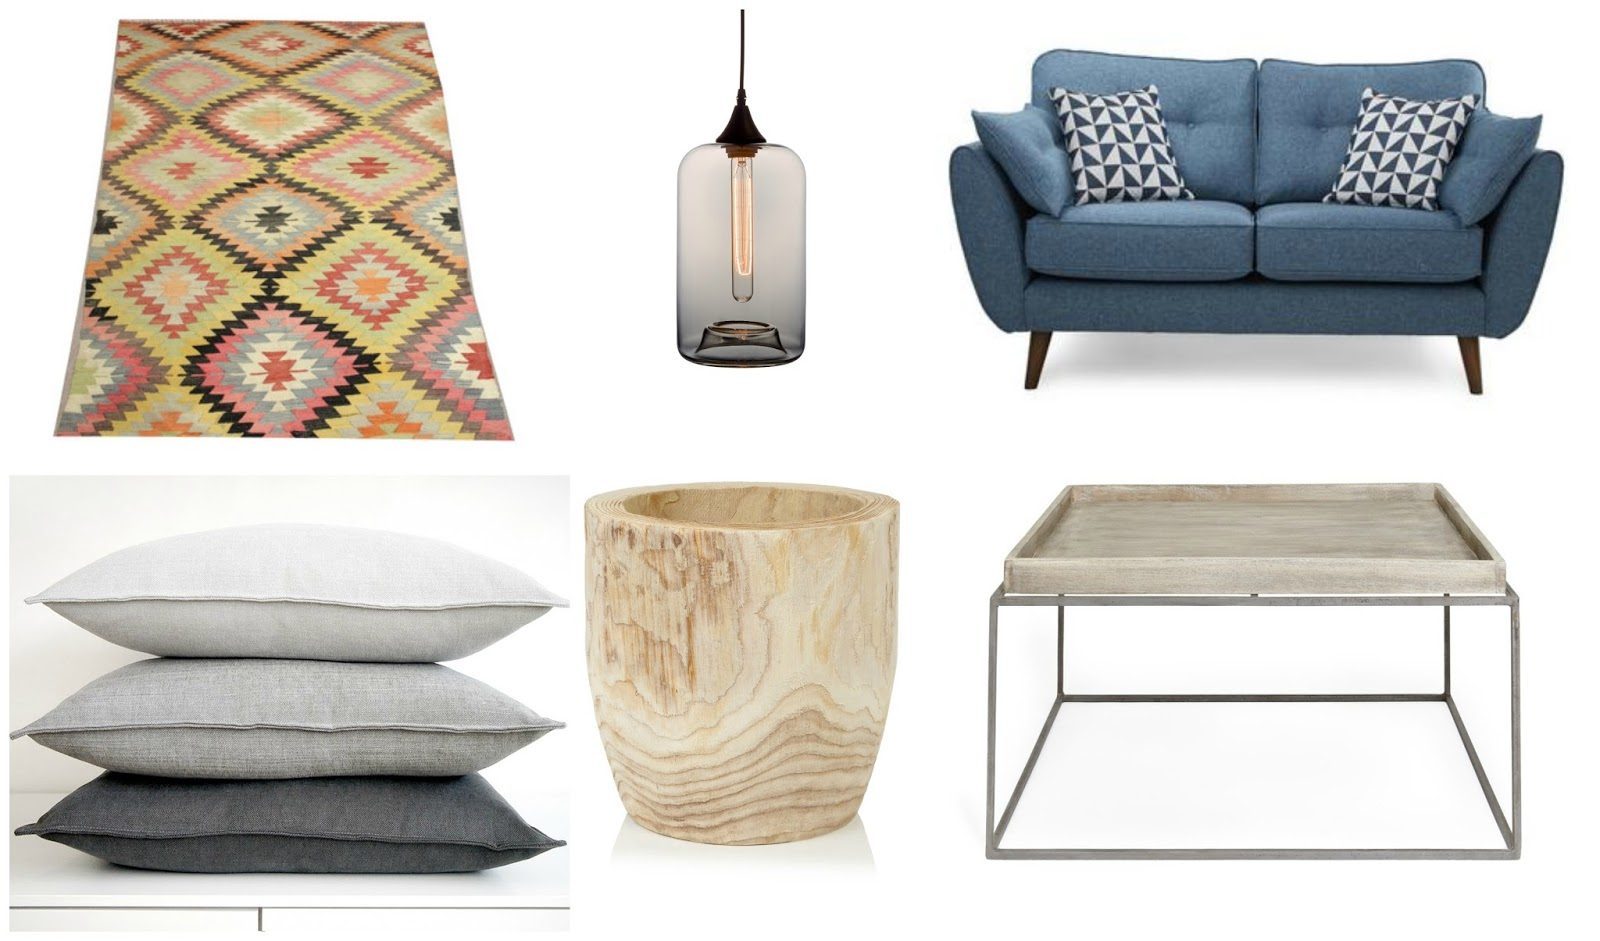 Dfs French Connection Quartz Sofa Review Ebay Set India Zinc Modern Home Interior Ideas Nostalgiecat Trends For 2015